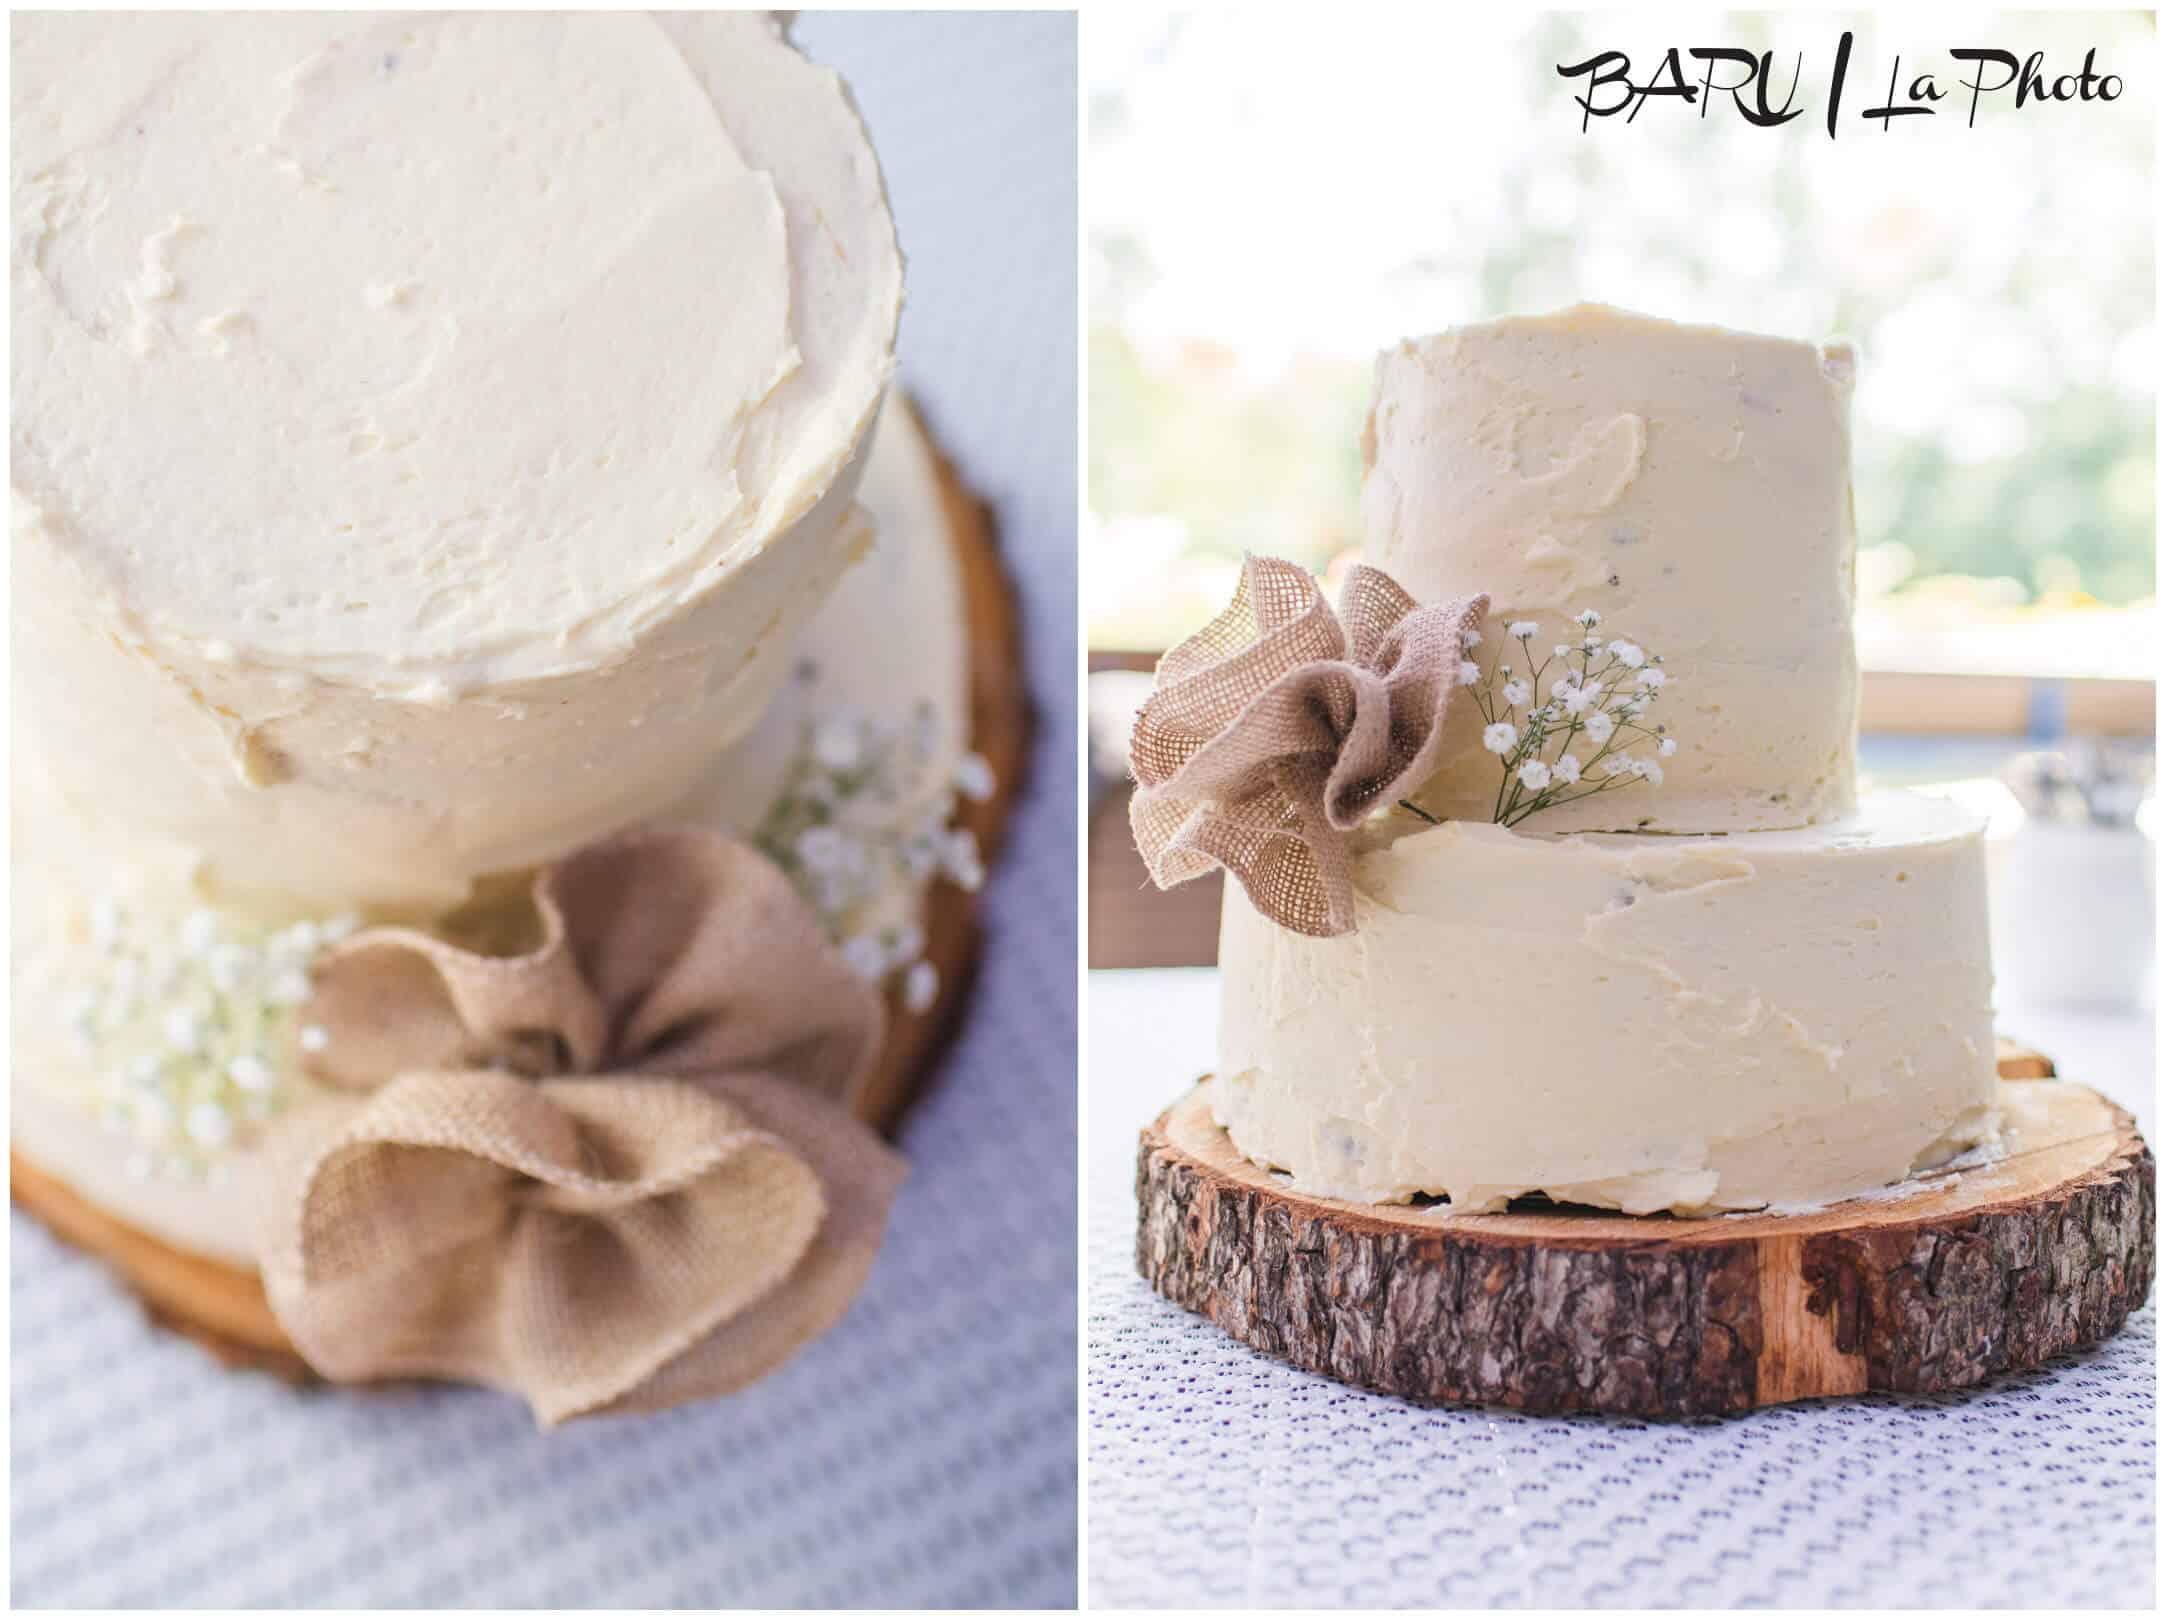 Hliněná bašta svatební dort dvoupatrový